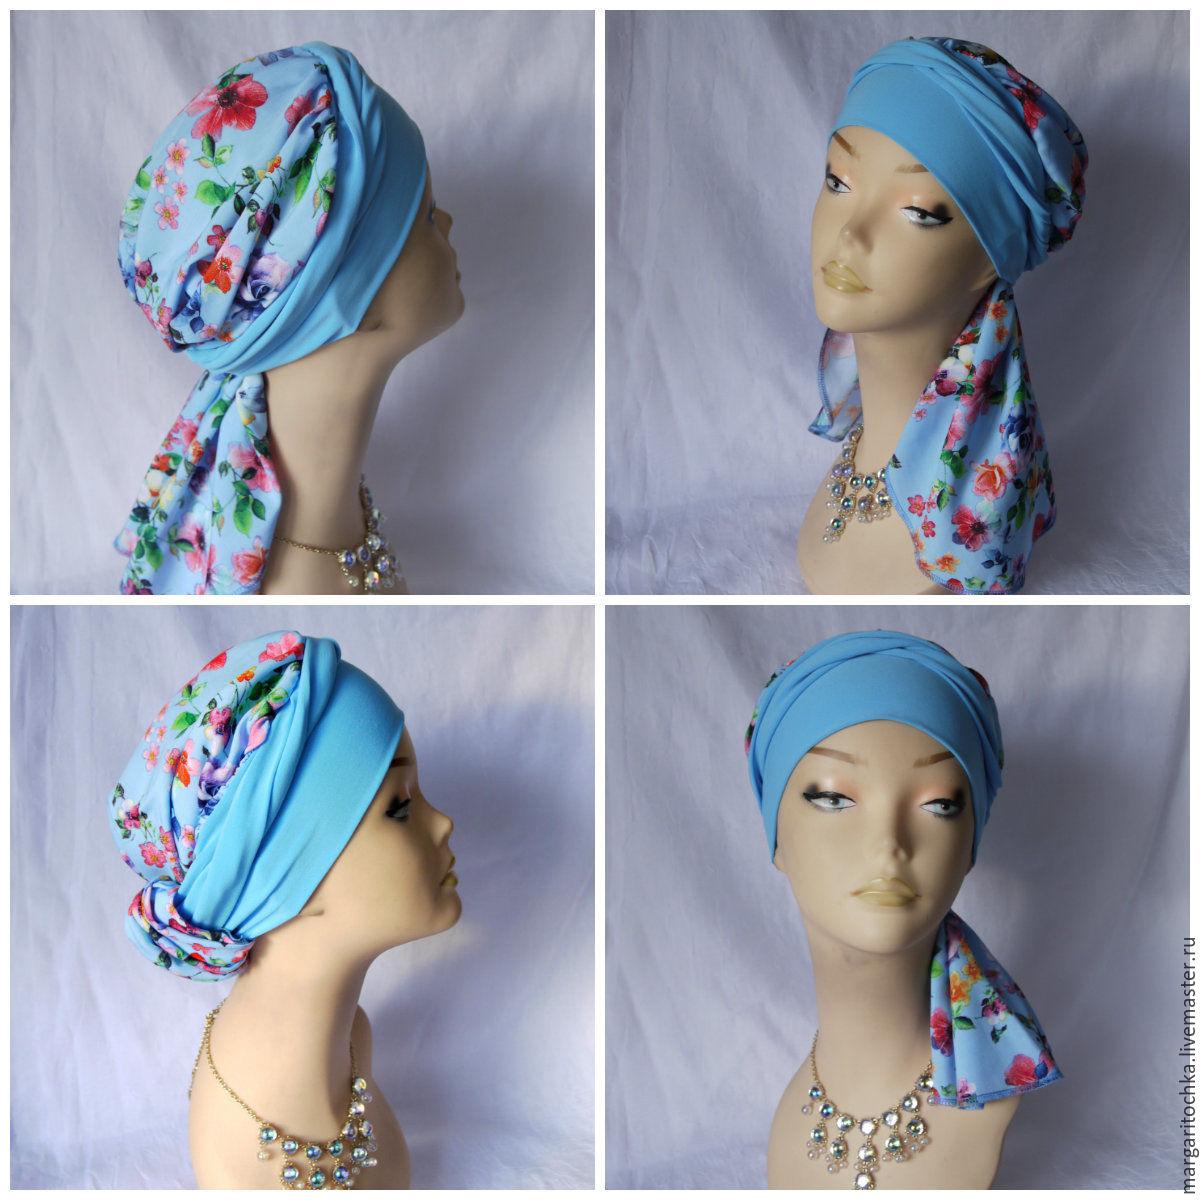 Полотенце для головы шьём своими руками